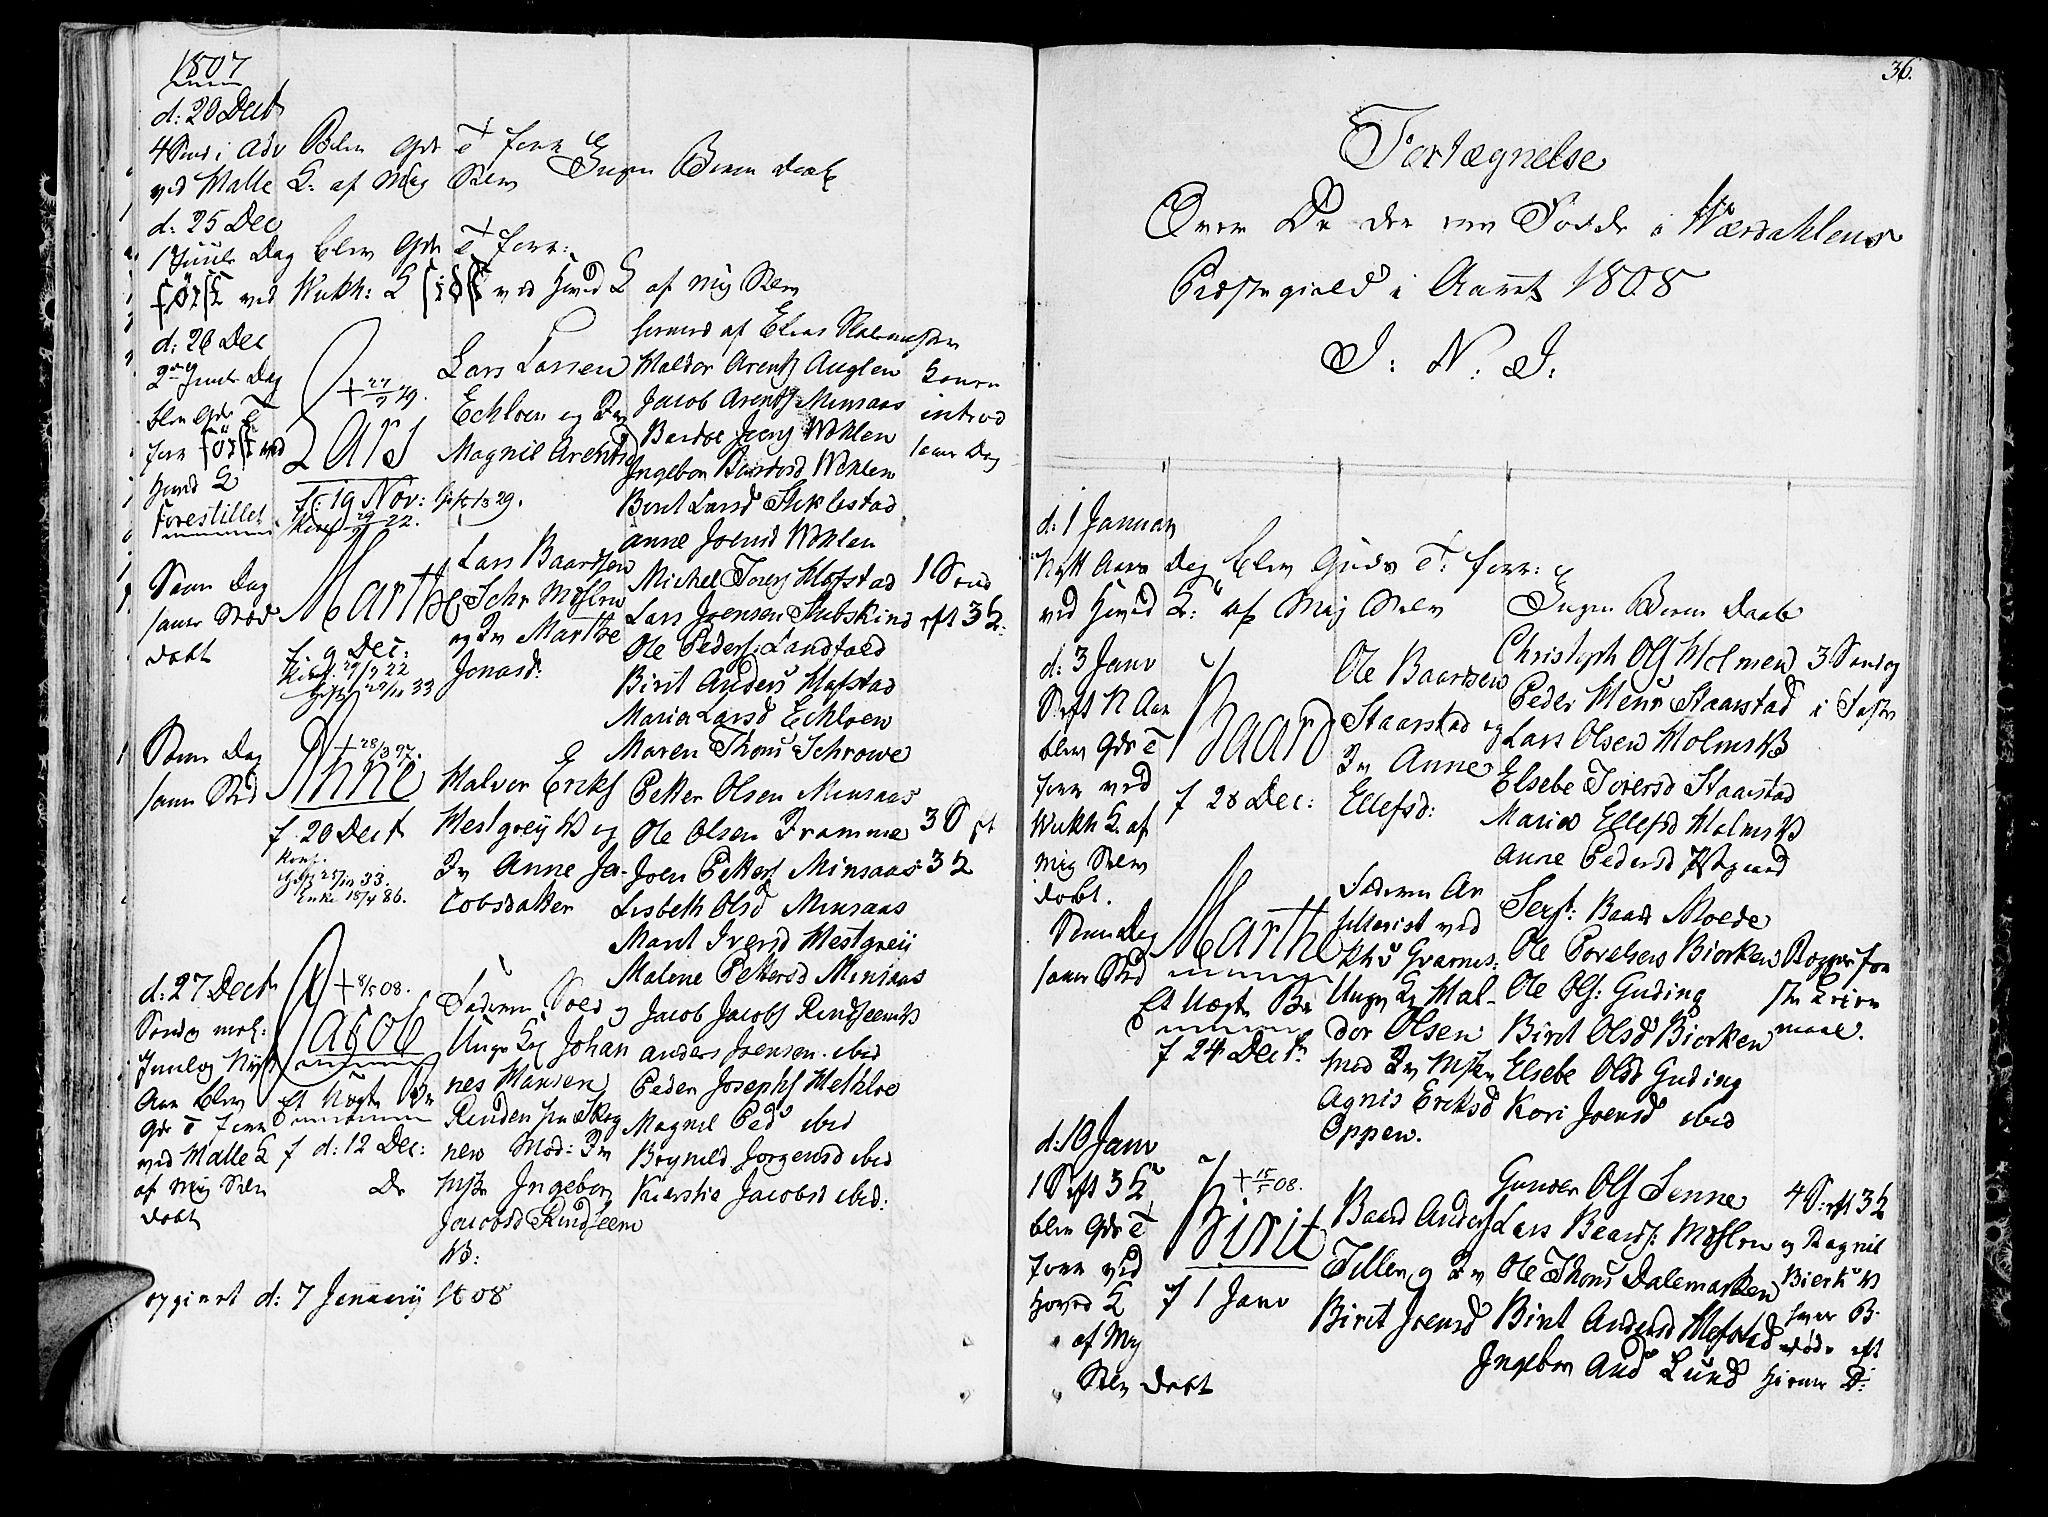 SAT, Ministerialprotokoller, klokkerbøker og fødselsregistre - Nord-Trøndelag, 723/L0233: Ministerialbok nr. 723A04, 1805-1816, s. 36